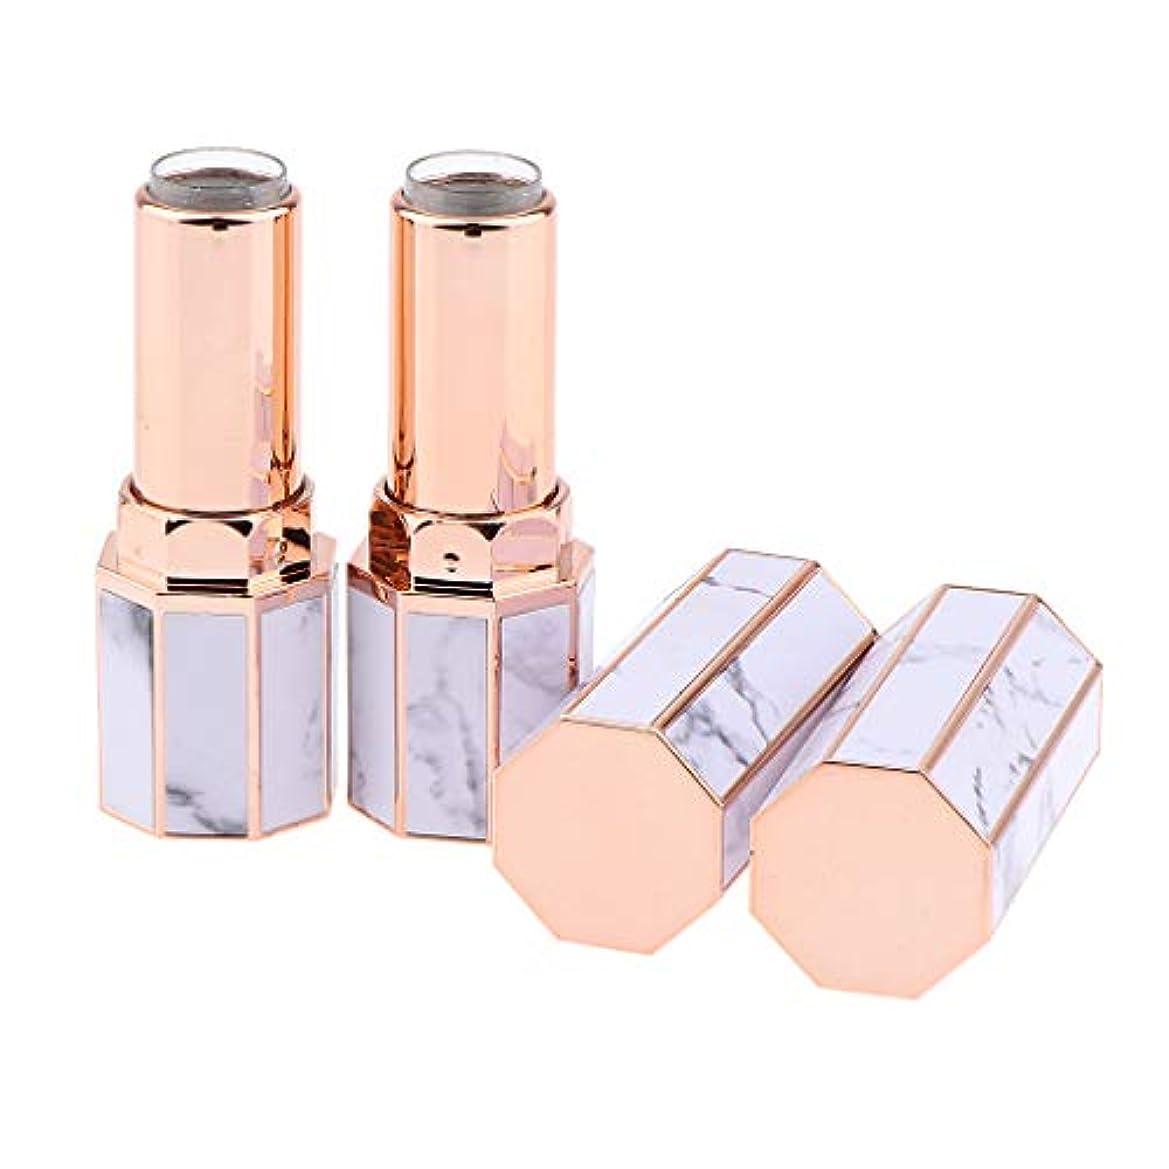 宝最初は逃げる2個の空の口紅容器リップクリームチューブ高品位手作りDIY化粧ボトル - 大理石